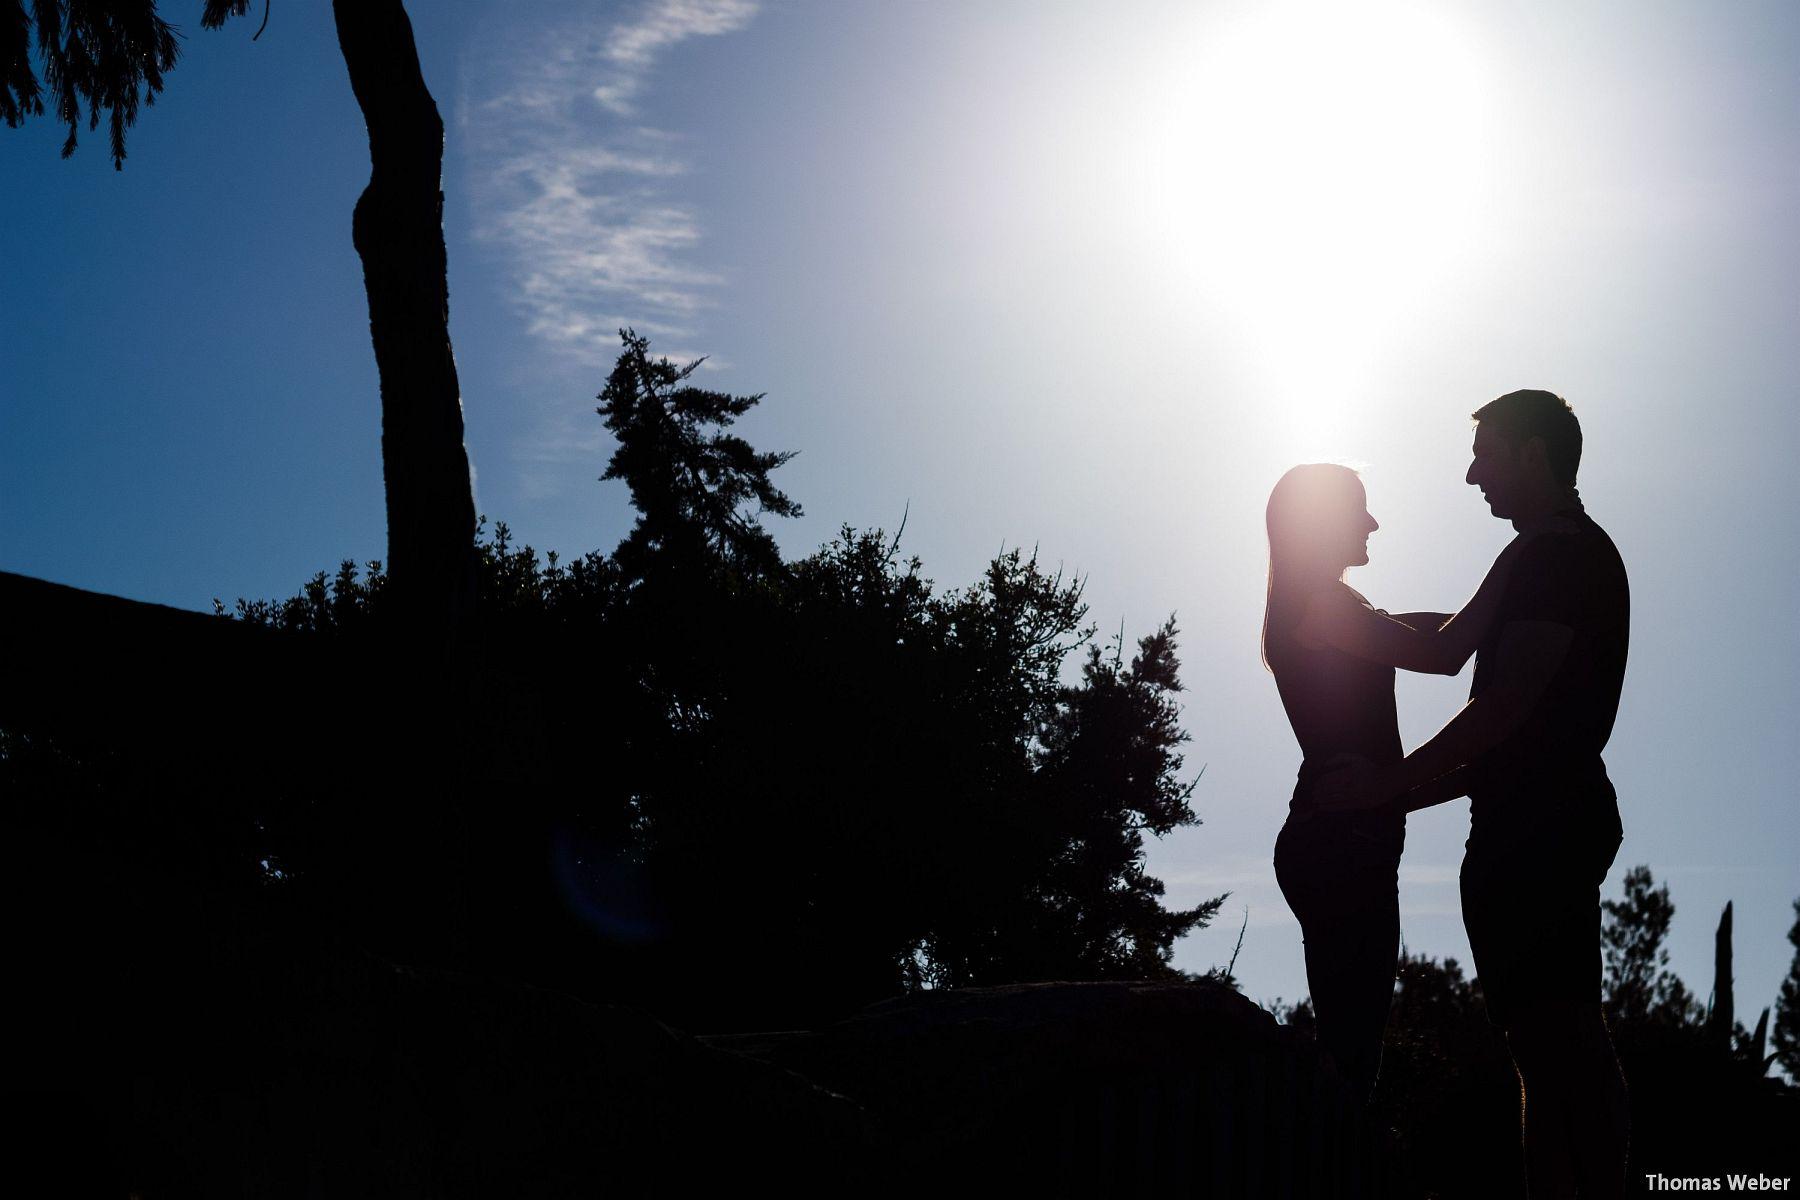 Hochzeitsfotograf Thomas Weber aus Oldenburg: Hochzeitsfotos und Paarfotos auf Mallorca (8)